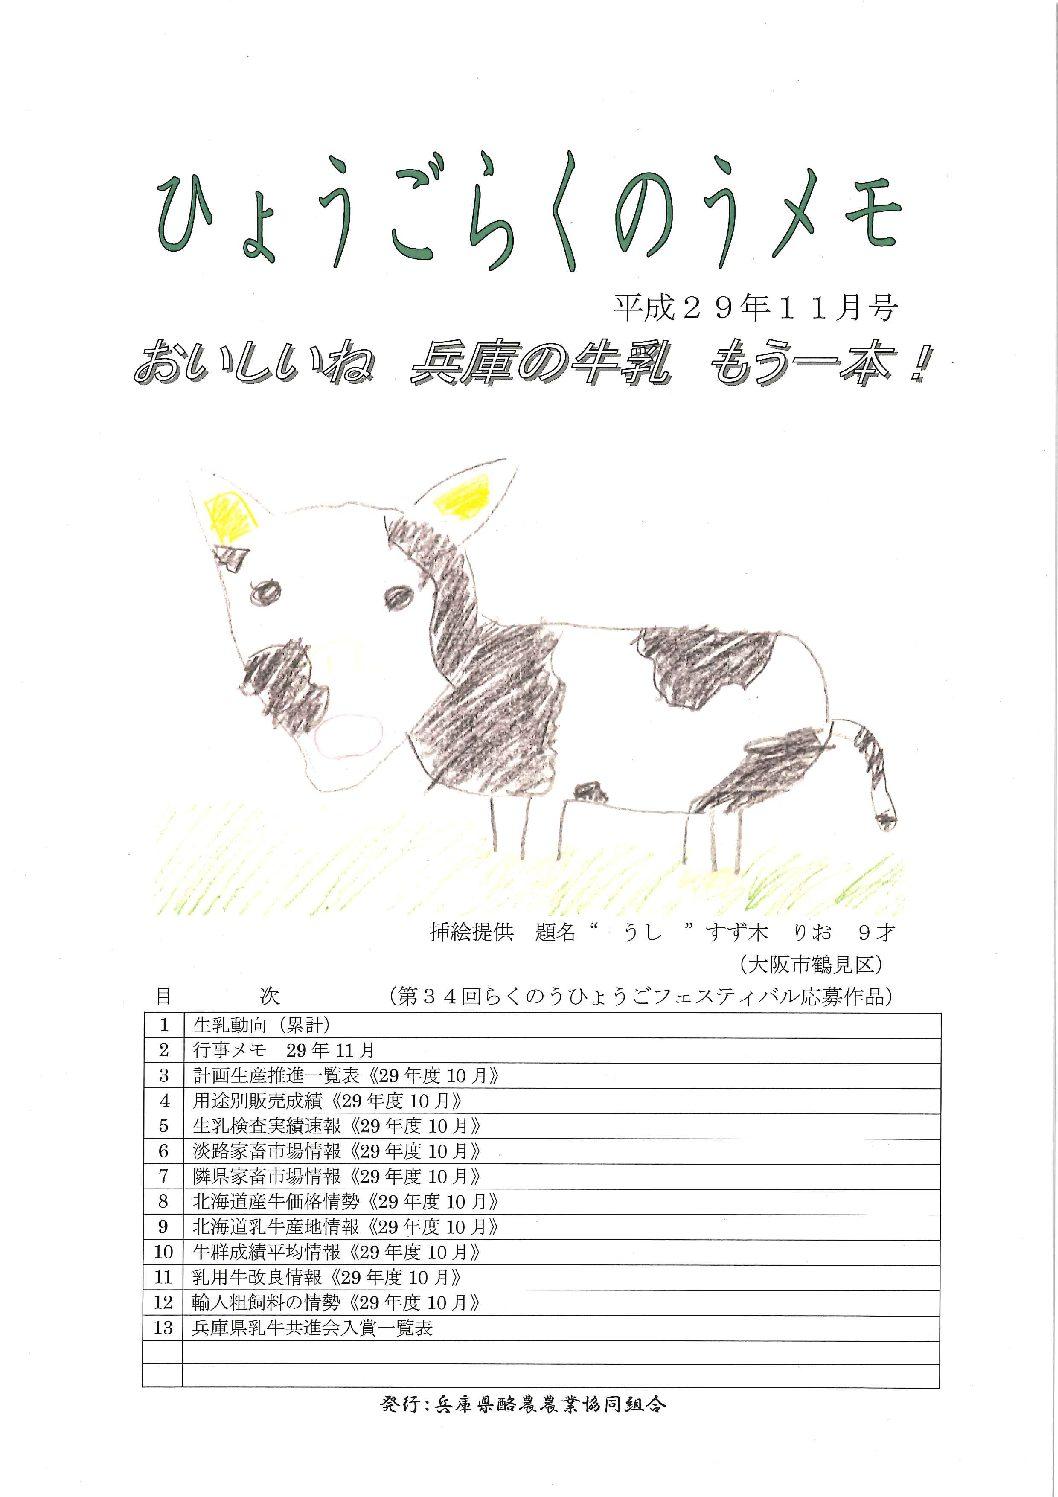 酪農メモ11月号(平成29年度)